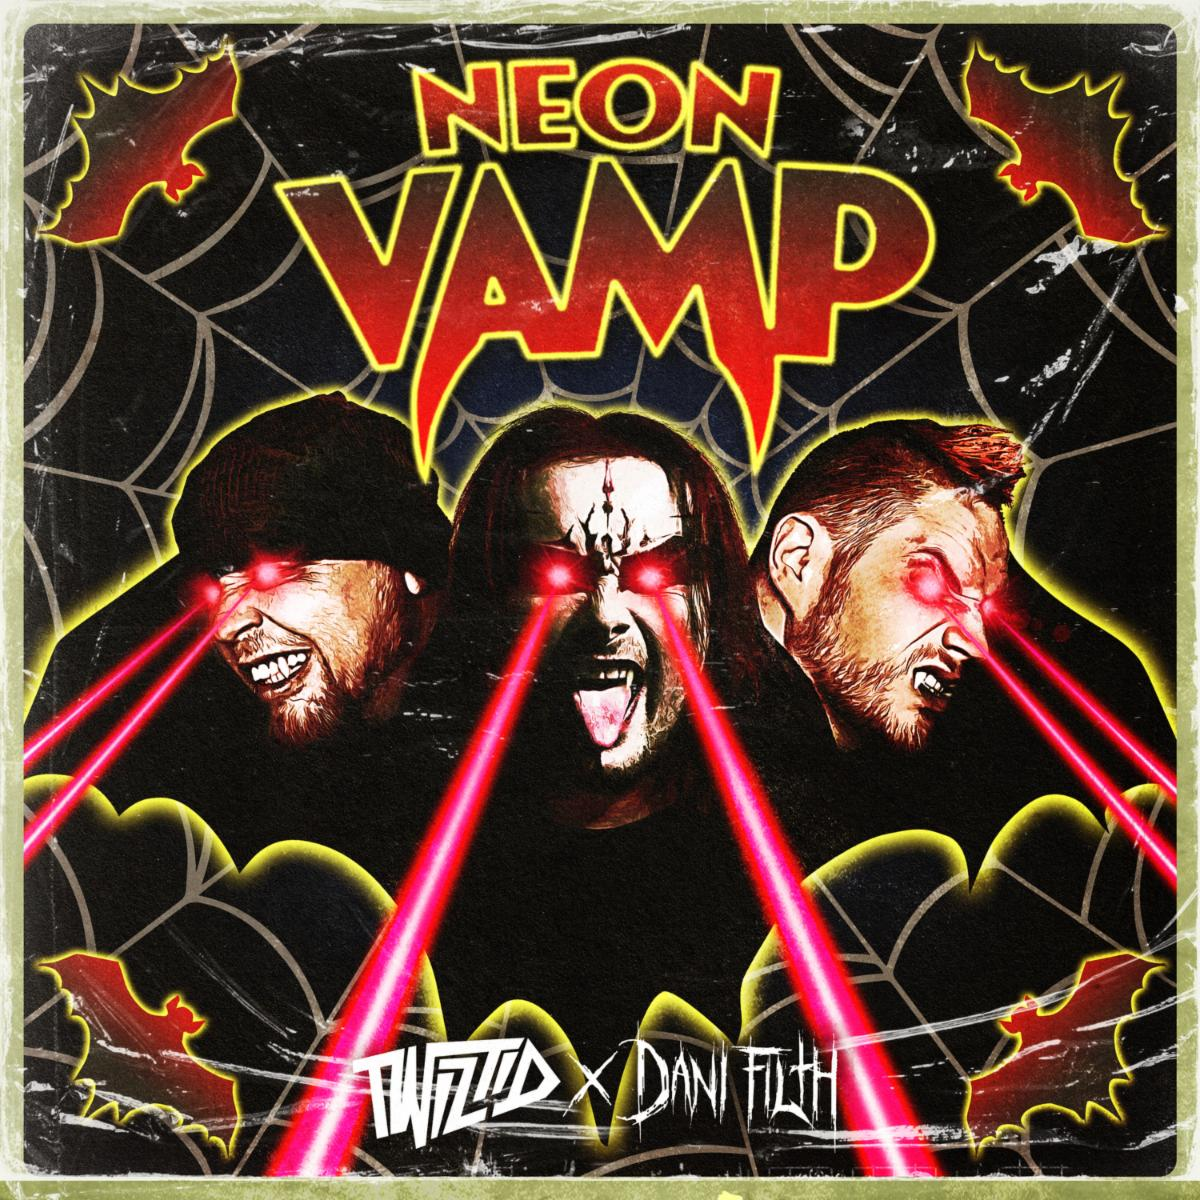 twiztid_neon_vamp_single_digital_2_50.jpeg